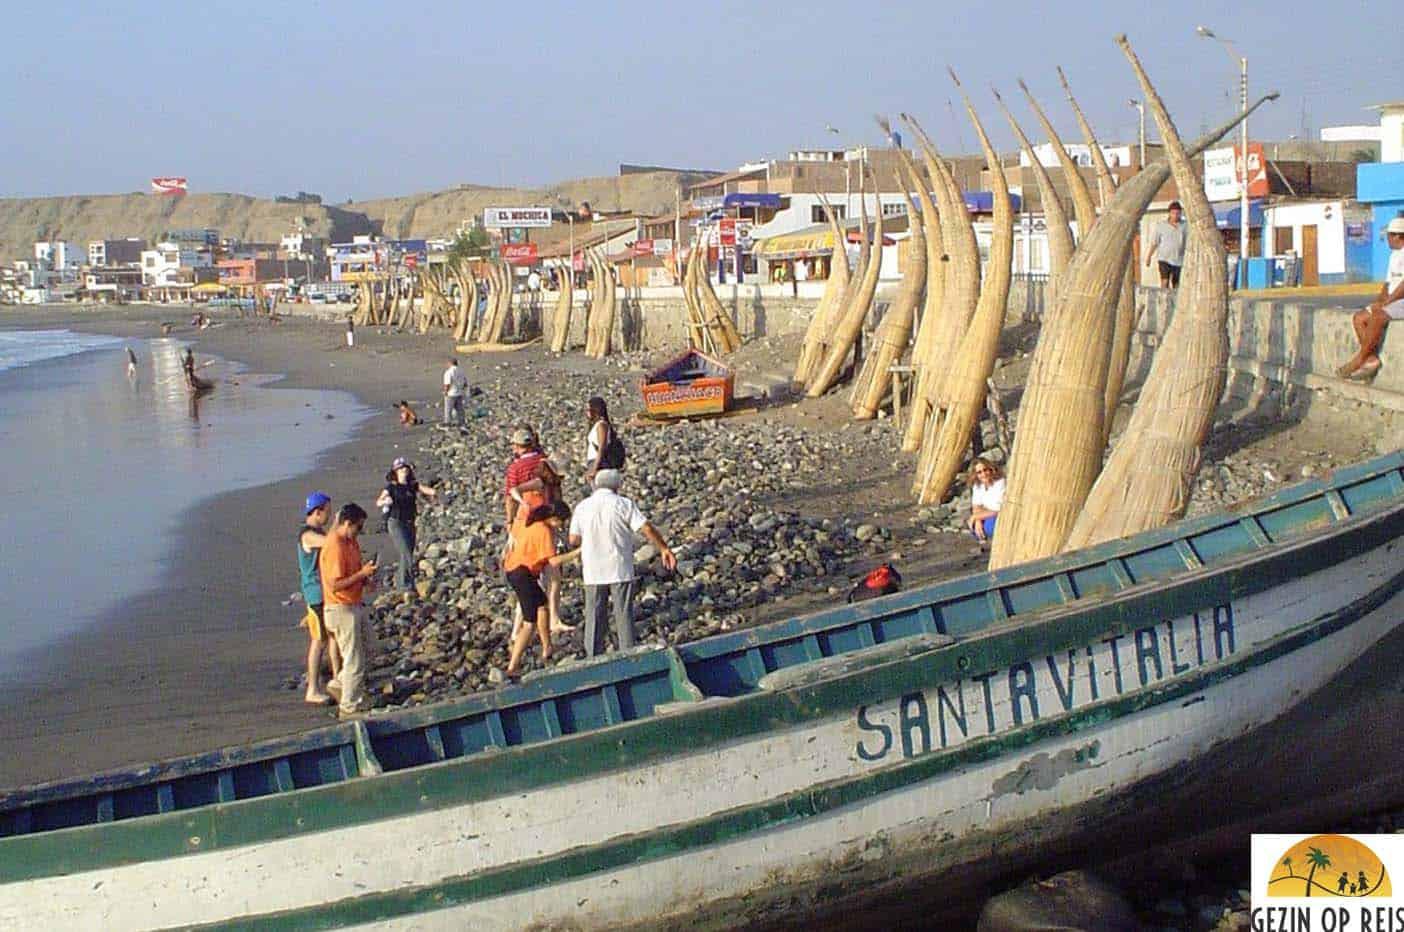 Noord-Peru